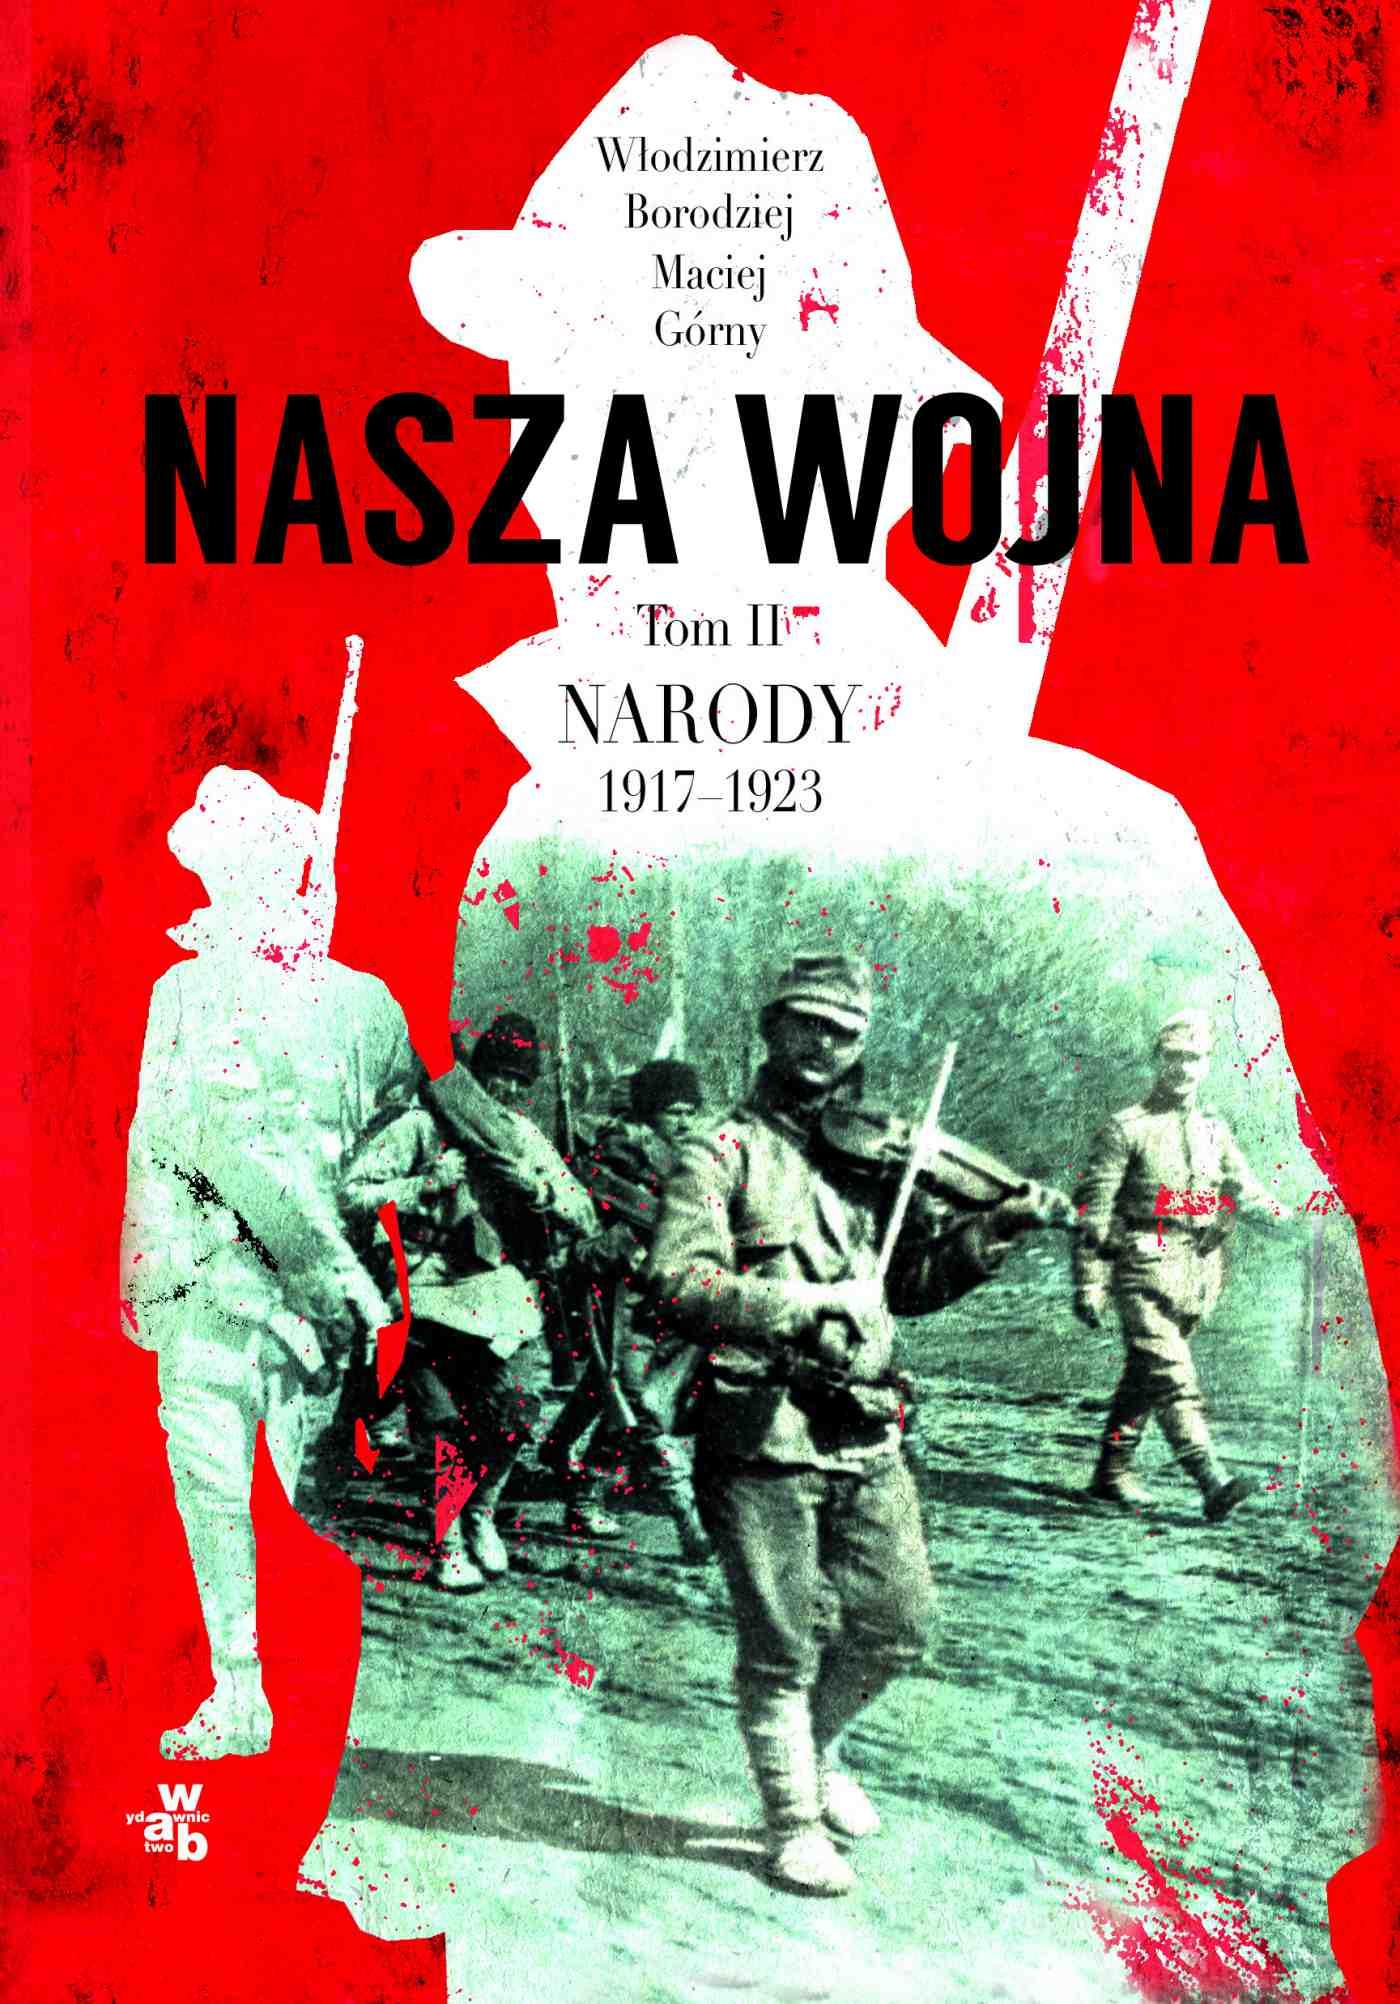 Nasza wojna. Tom II. Narody 1917-1923 - Ebook (Książka EPUB) do pobrania w formacie EPUB